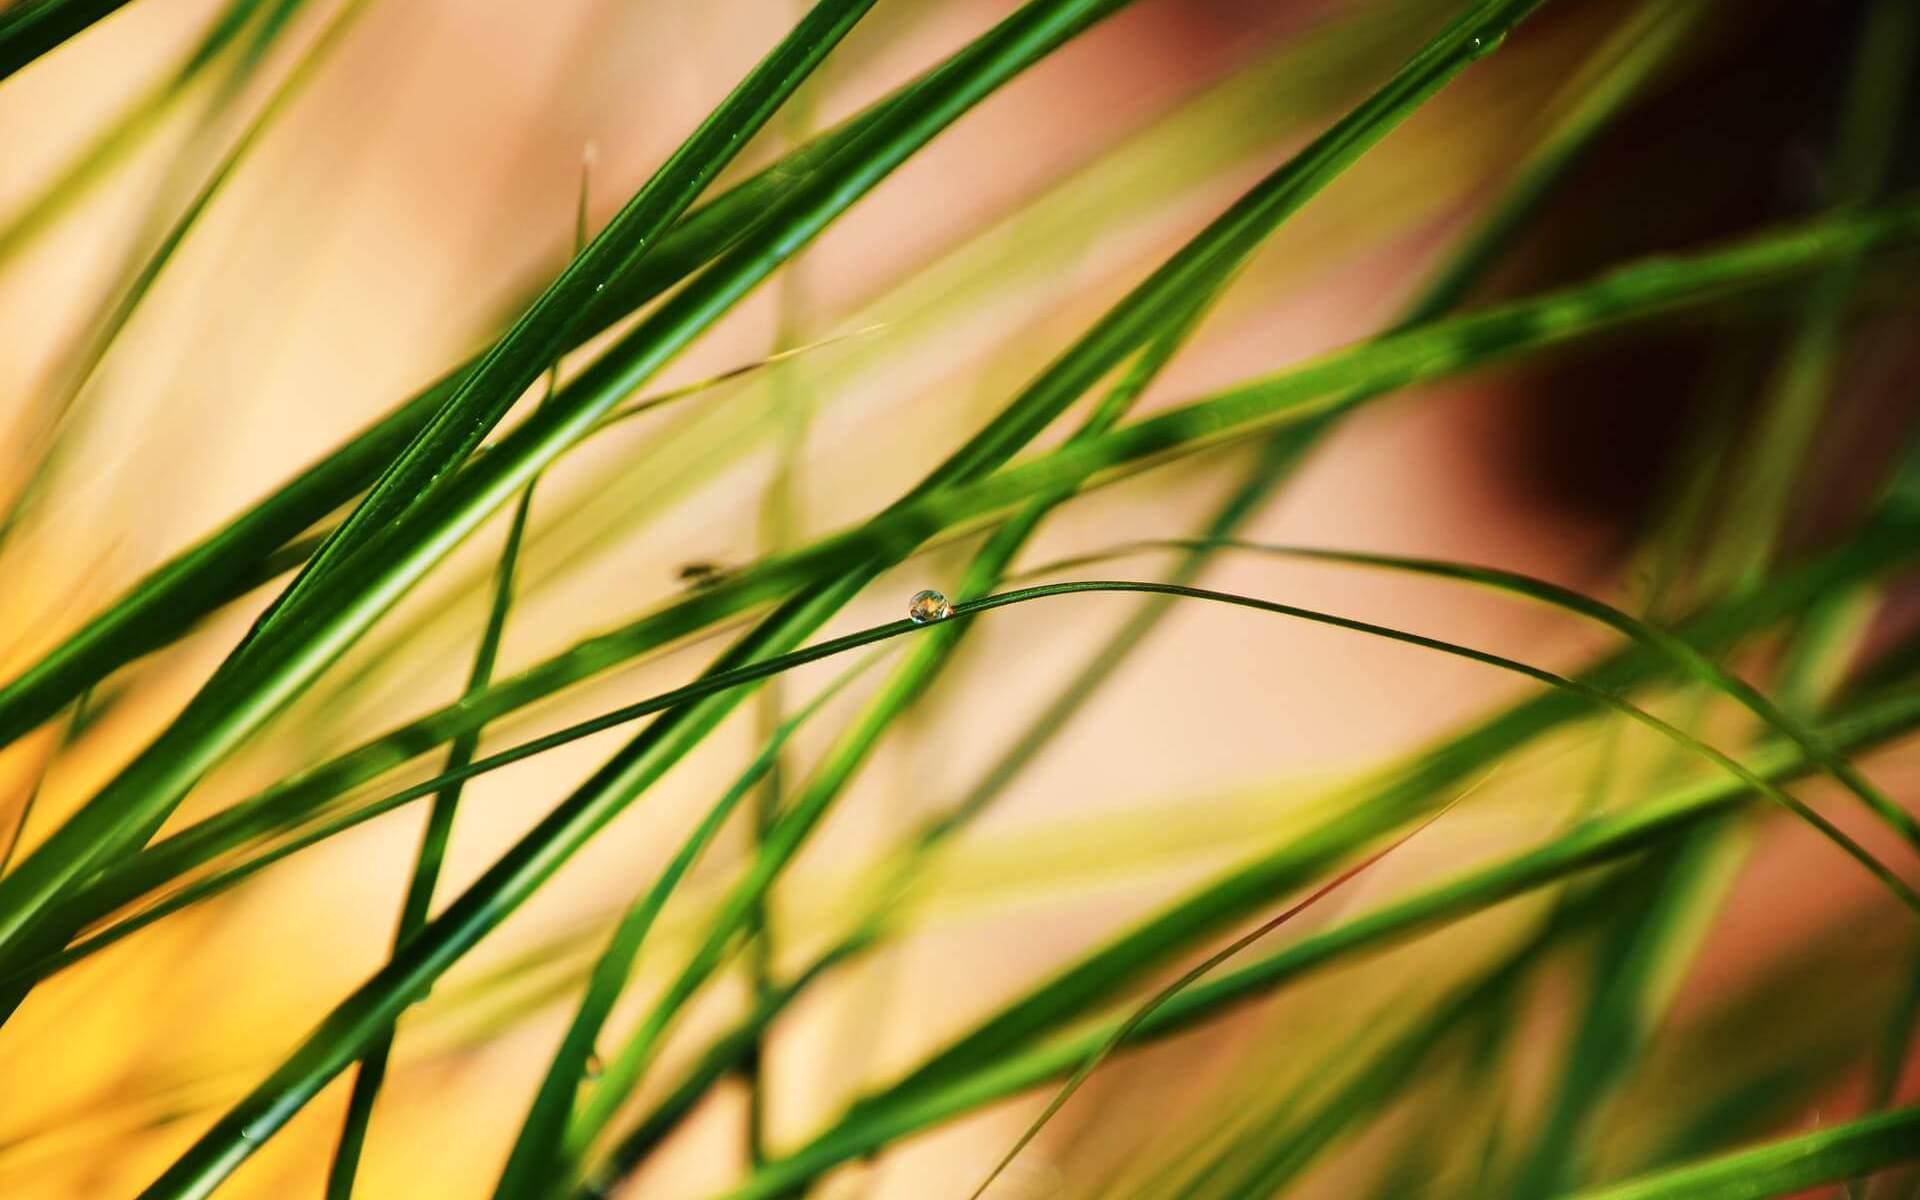 Symbolbild: Gottes Wille und unser Auftrag. Gras im Sonnenuntergang, Nahaufnahme